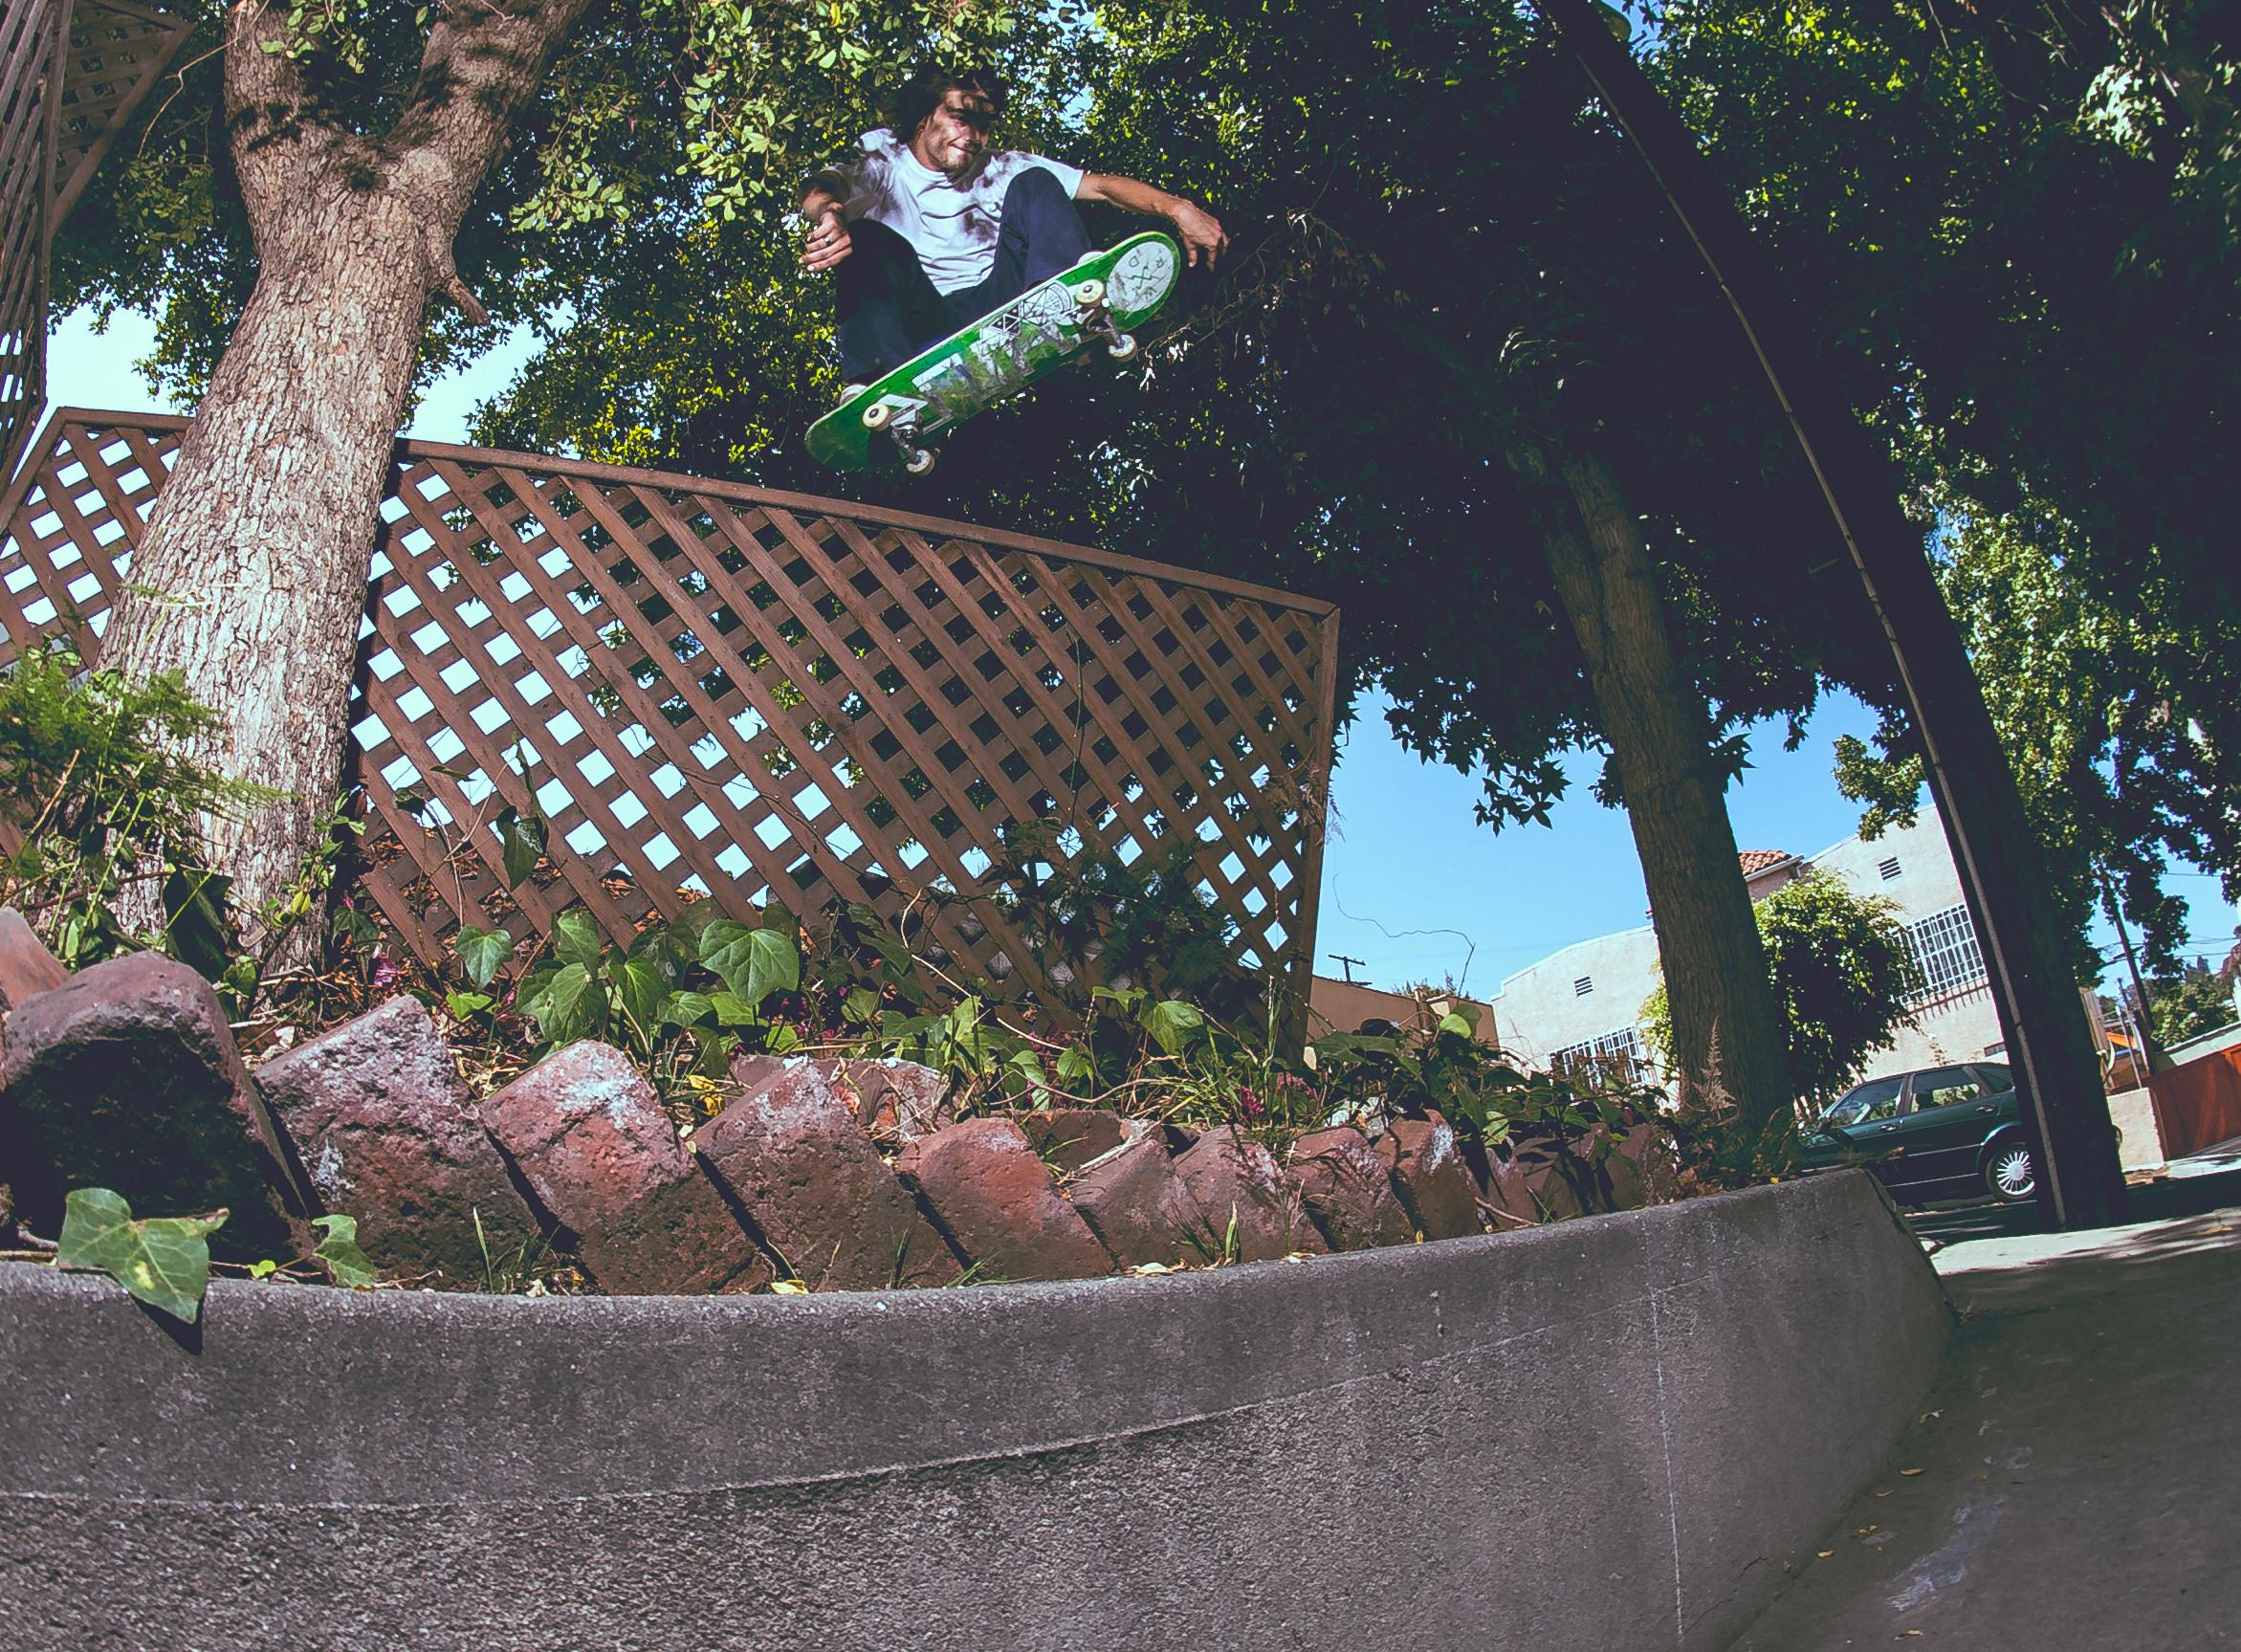 Zack Krull - Ollie